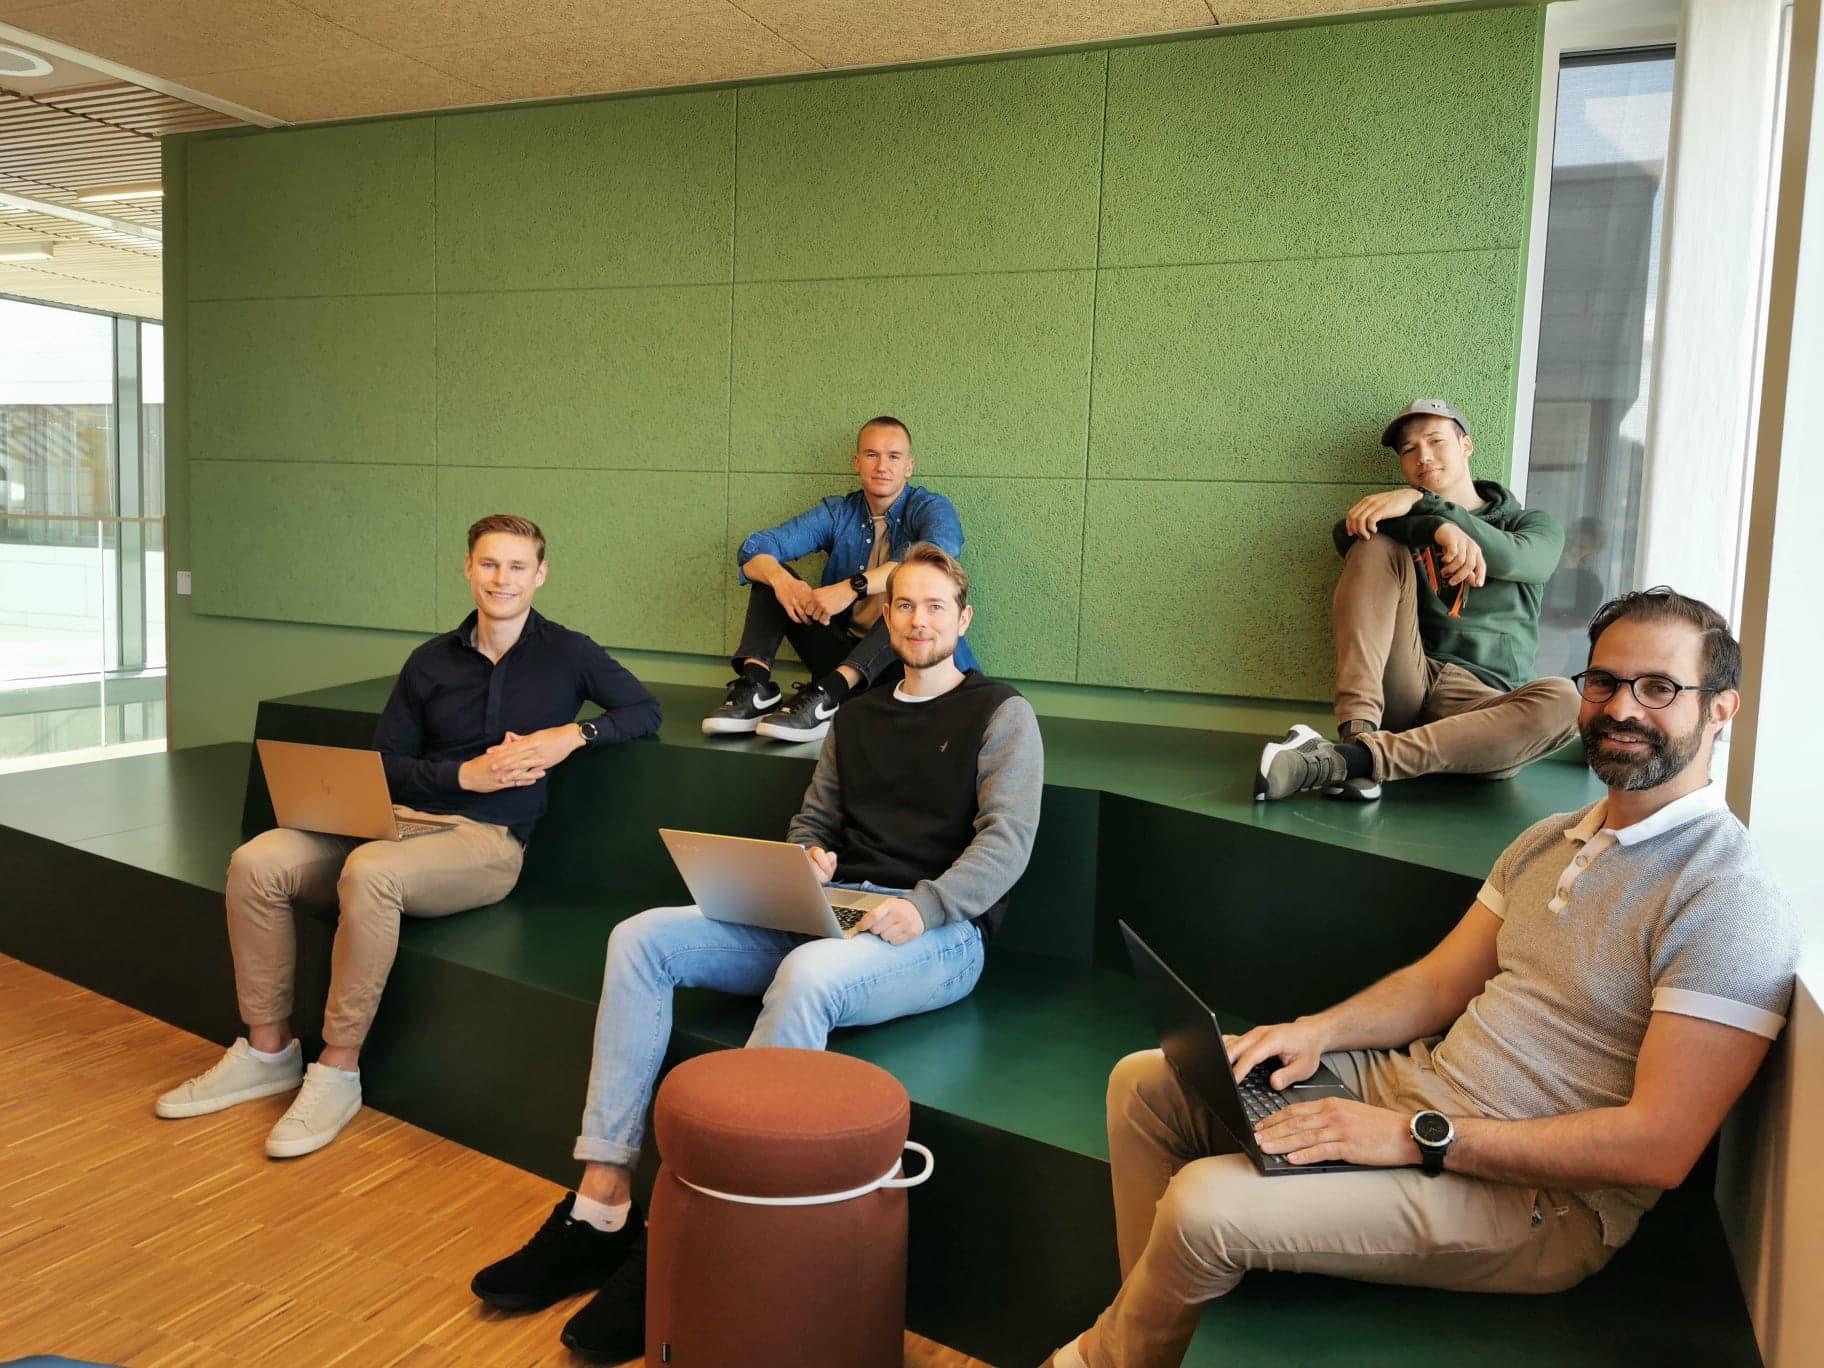 5 studentar sit med pc og jobbar